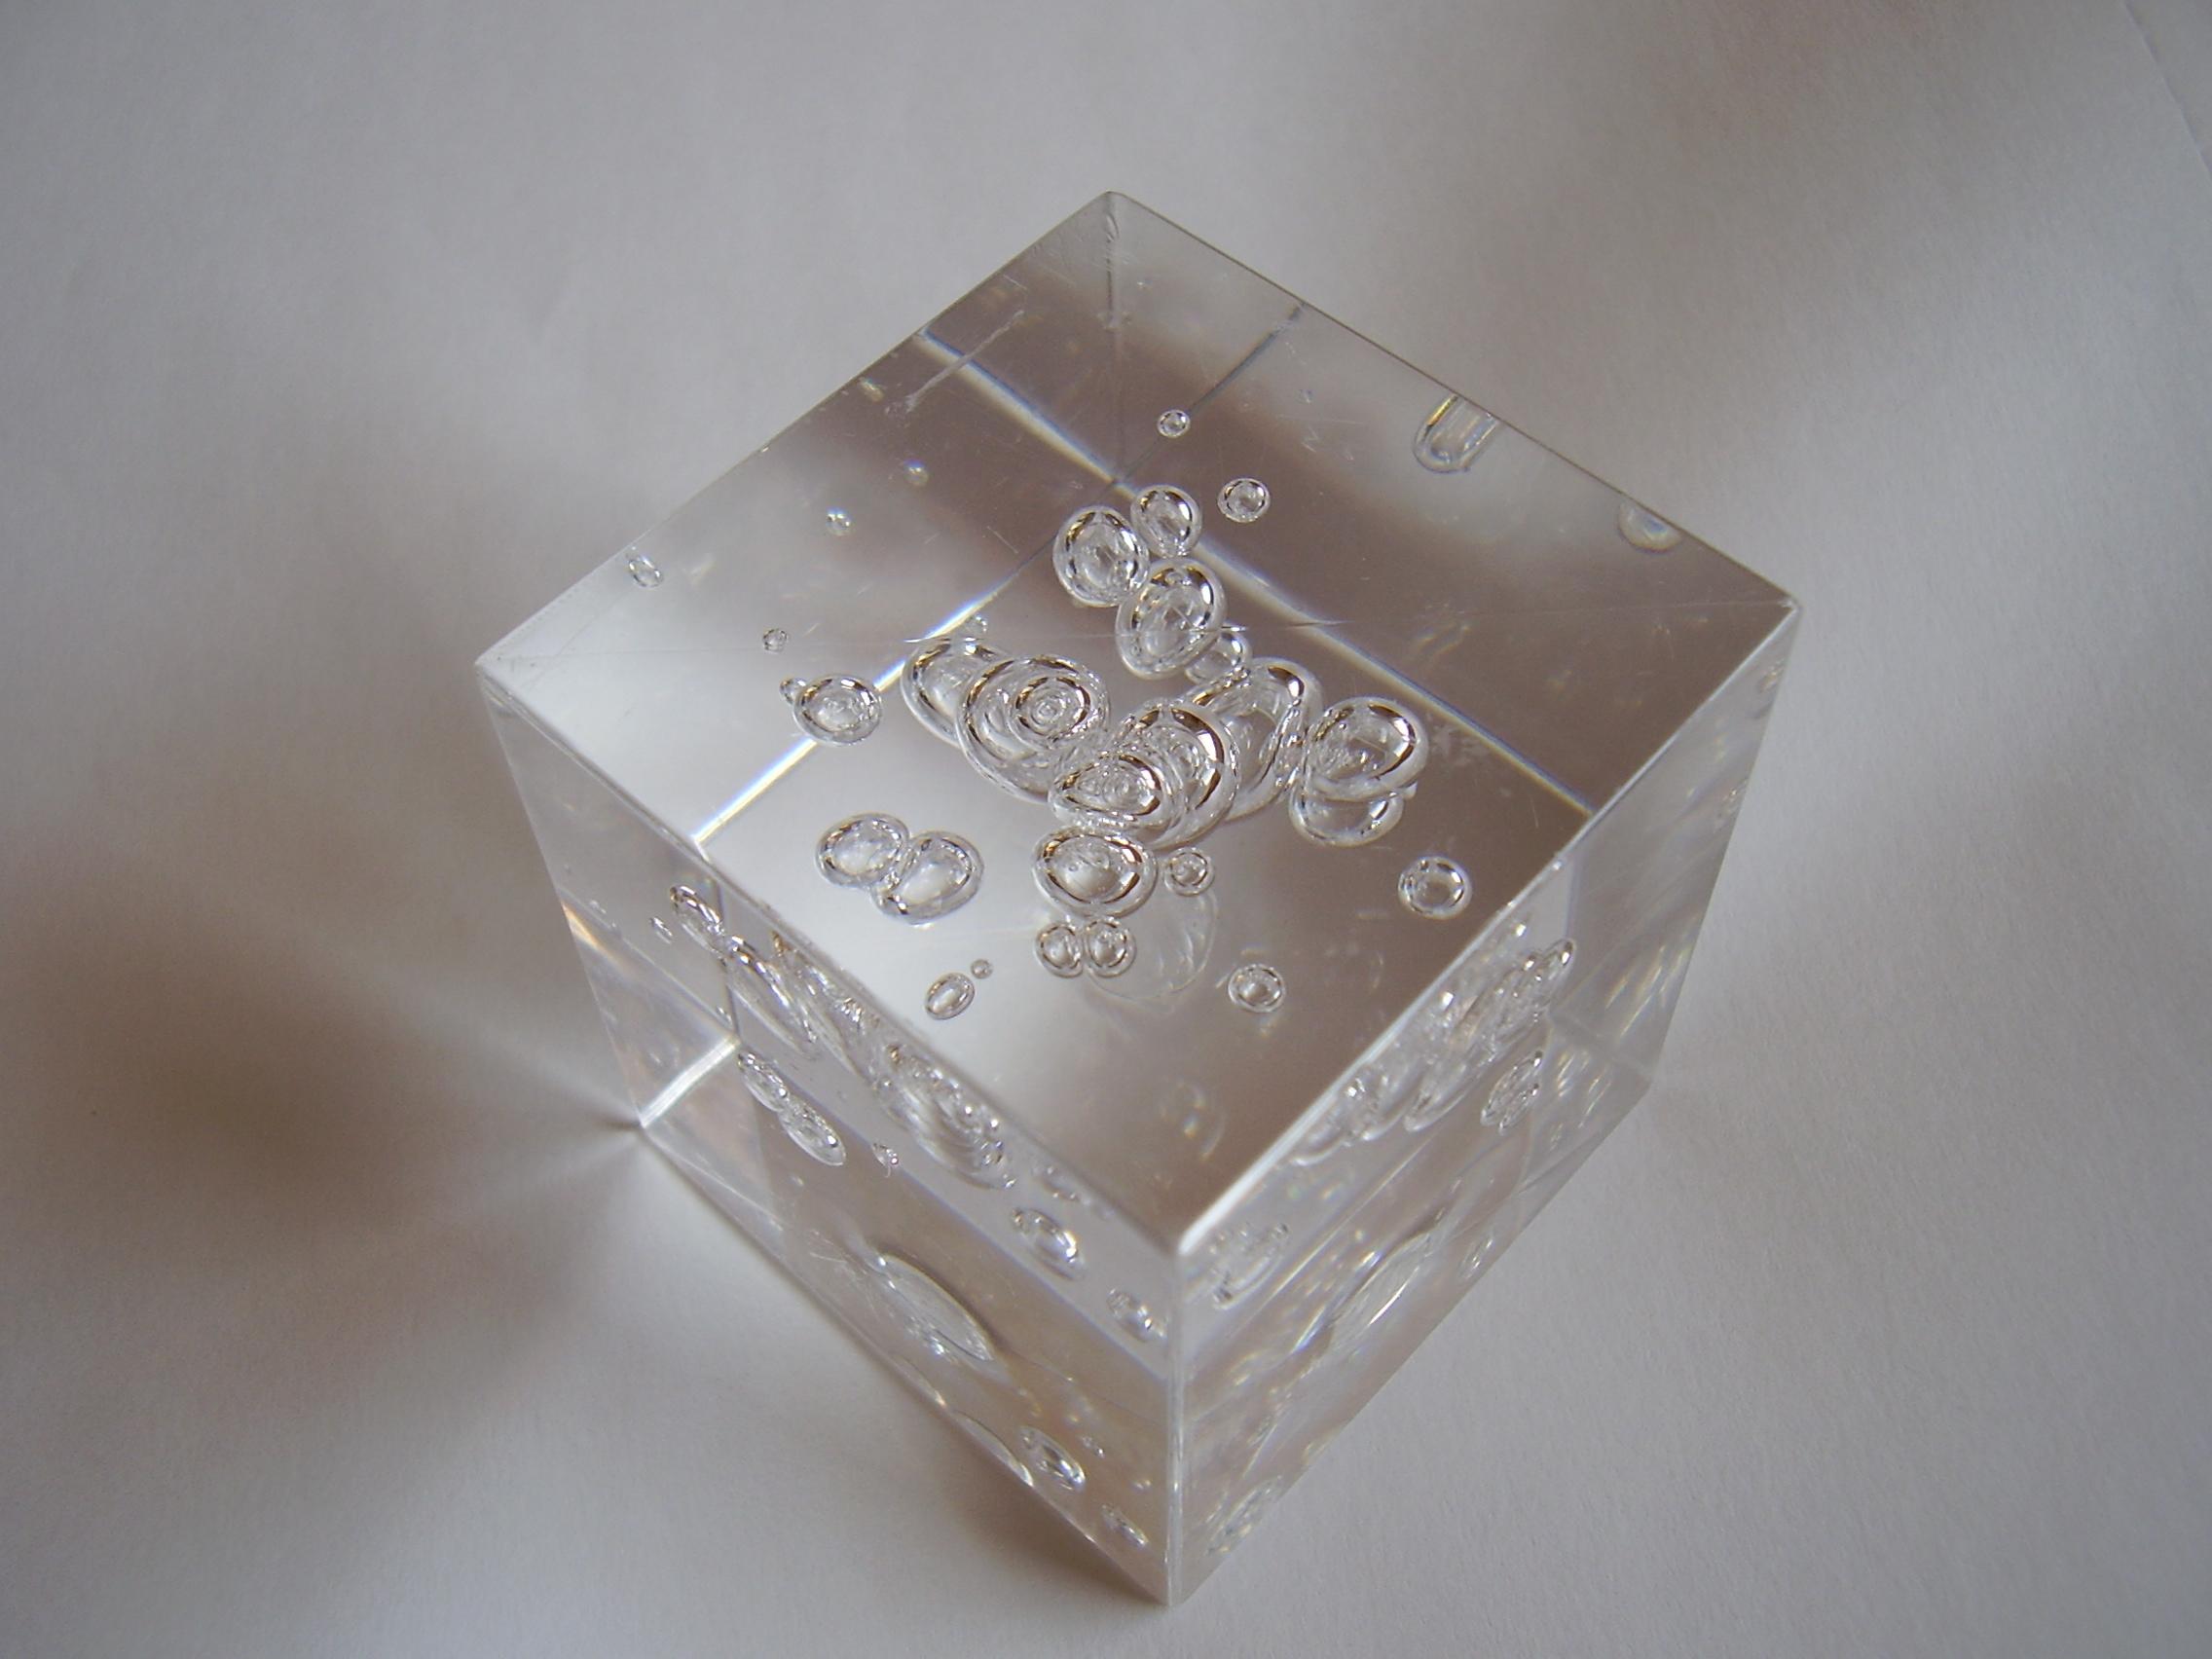 Datei:Blasen im Kunststoff 1.JPG – Wikipedia